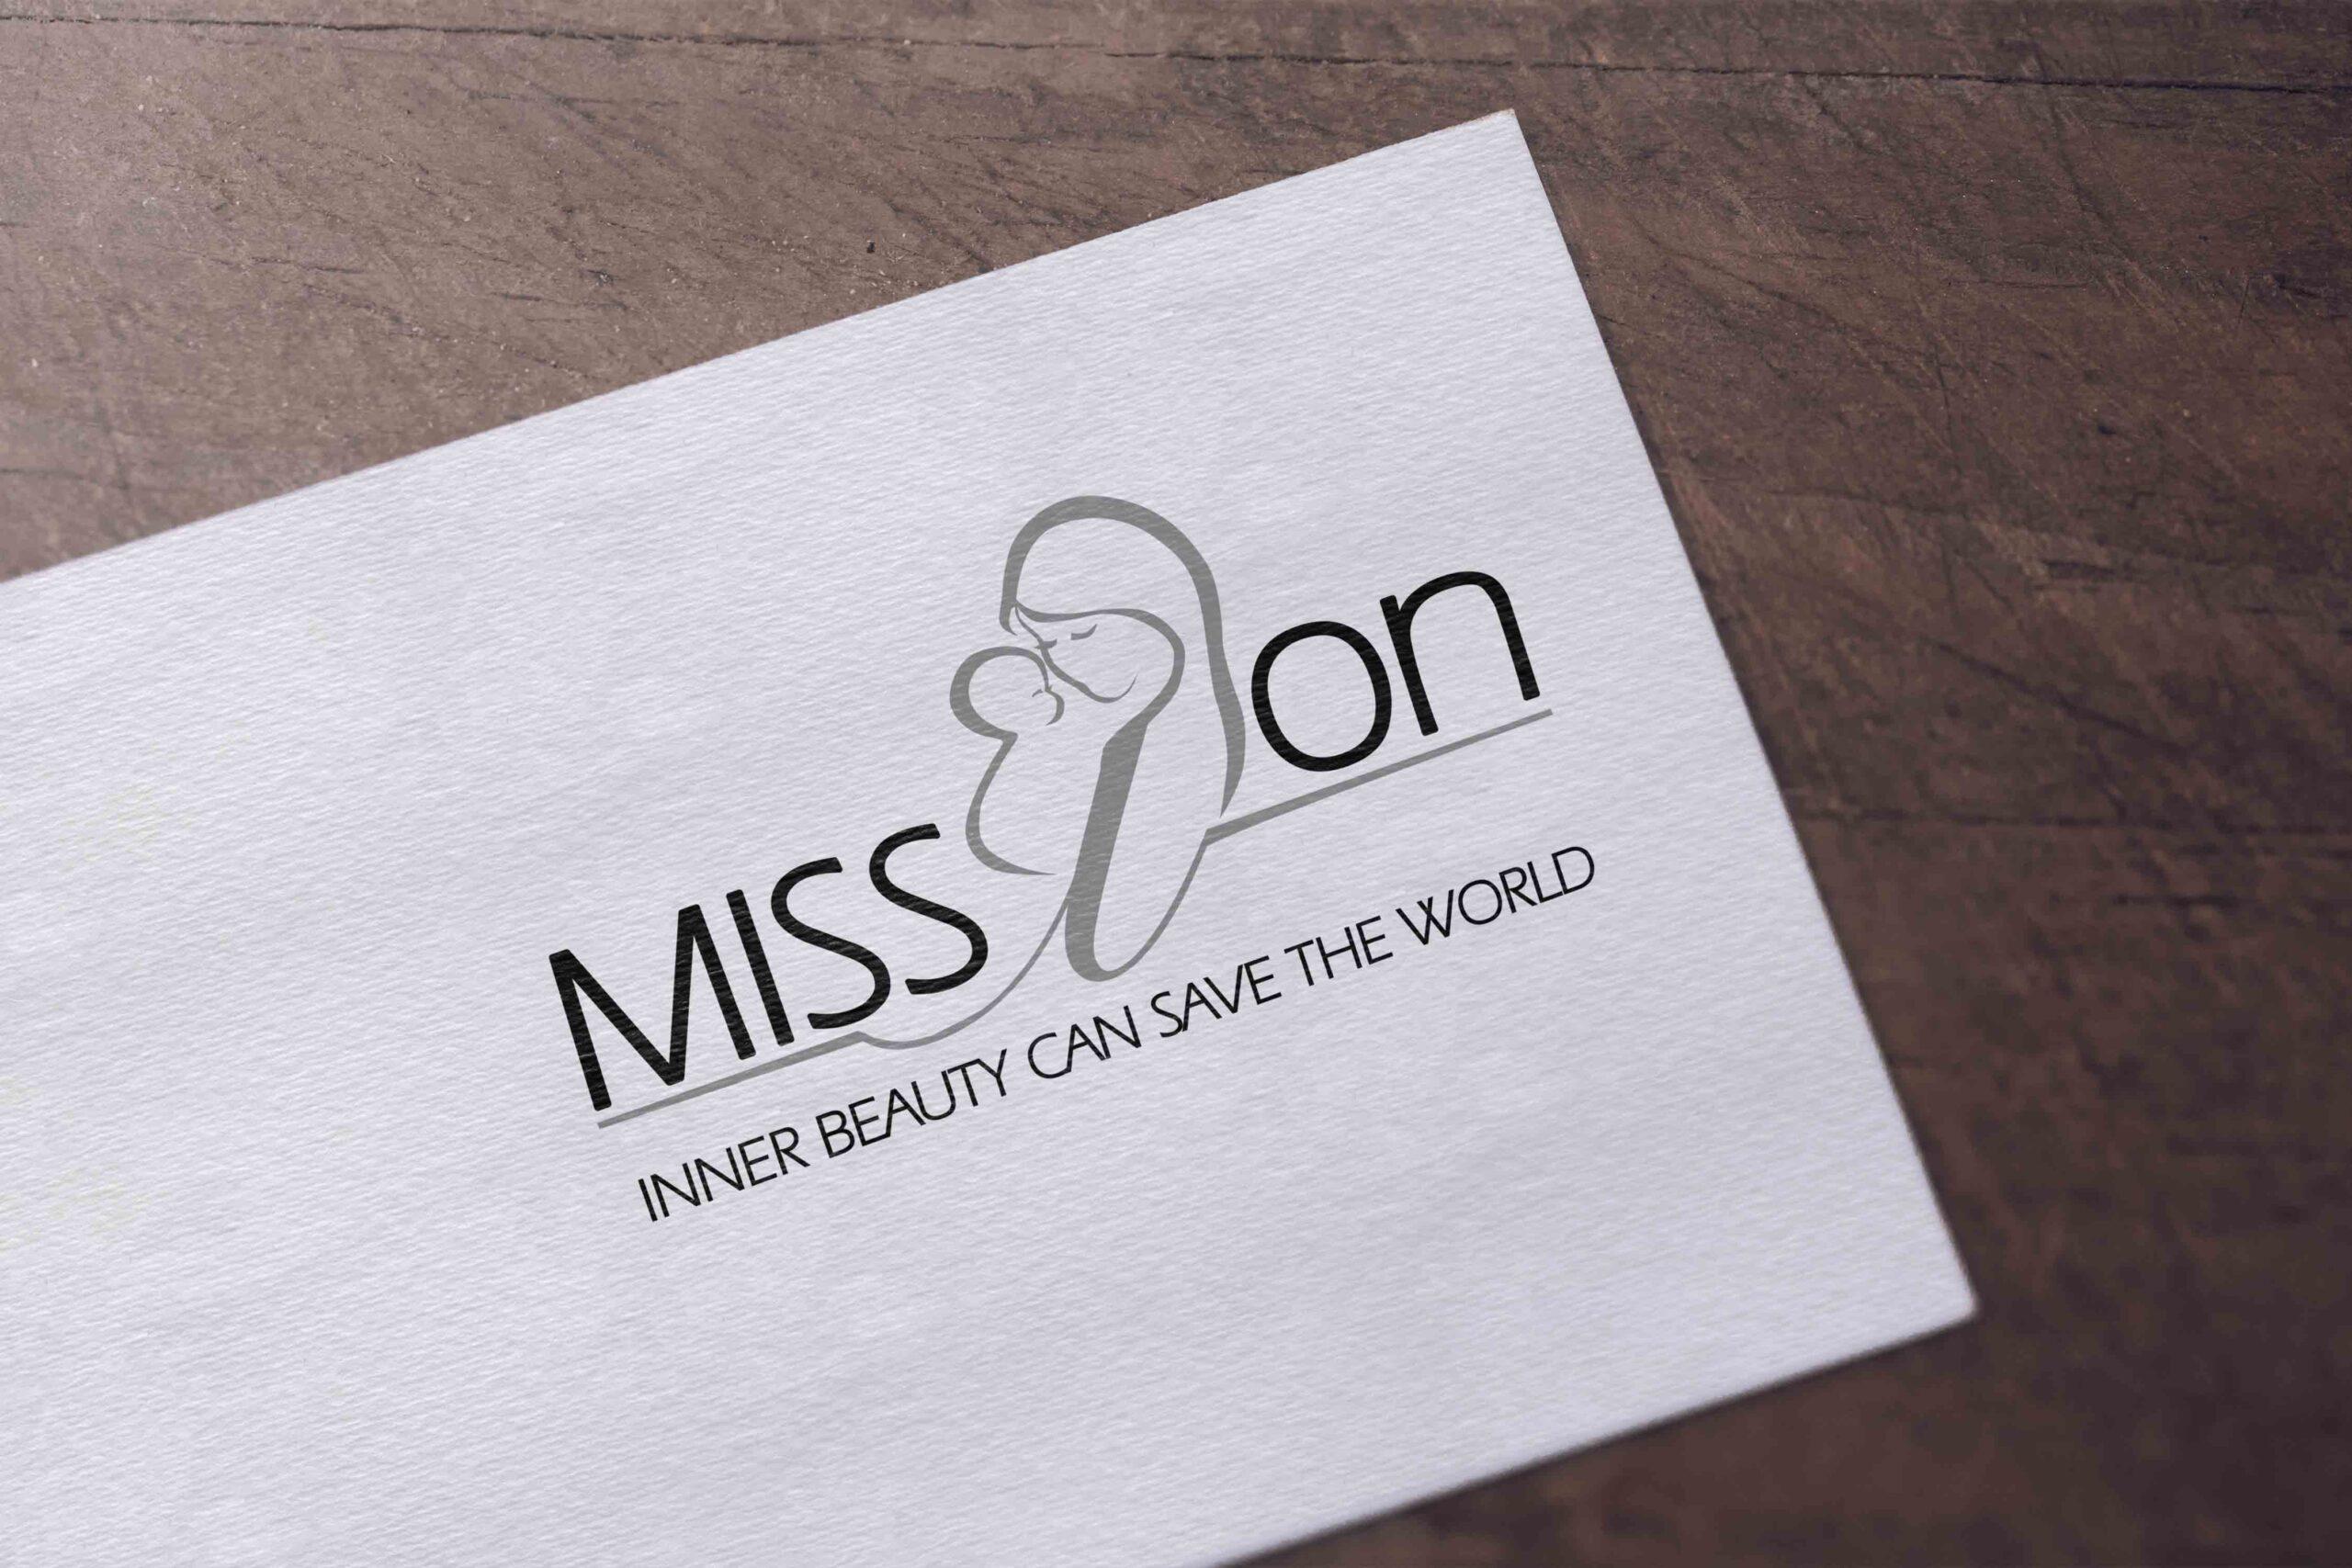 mission-ngo